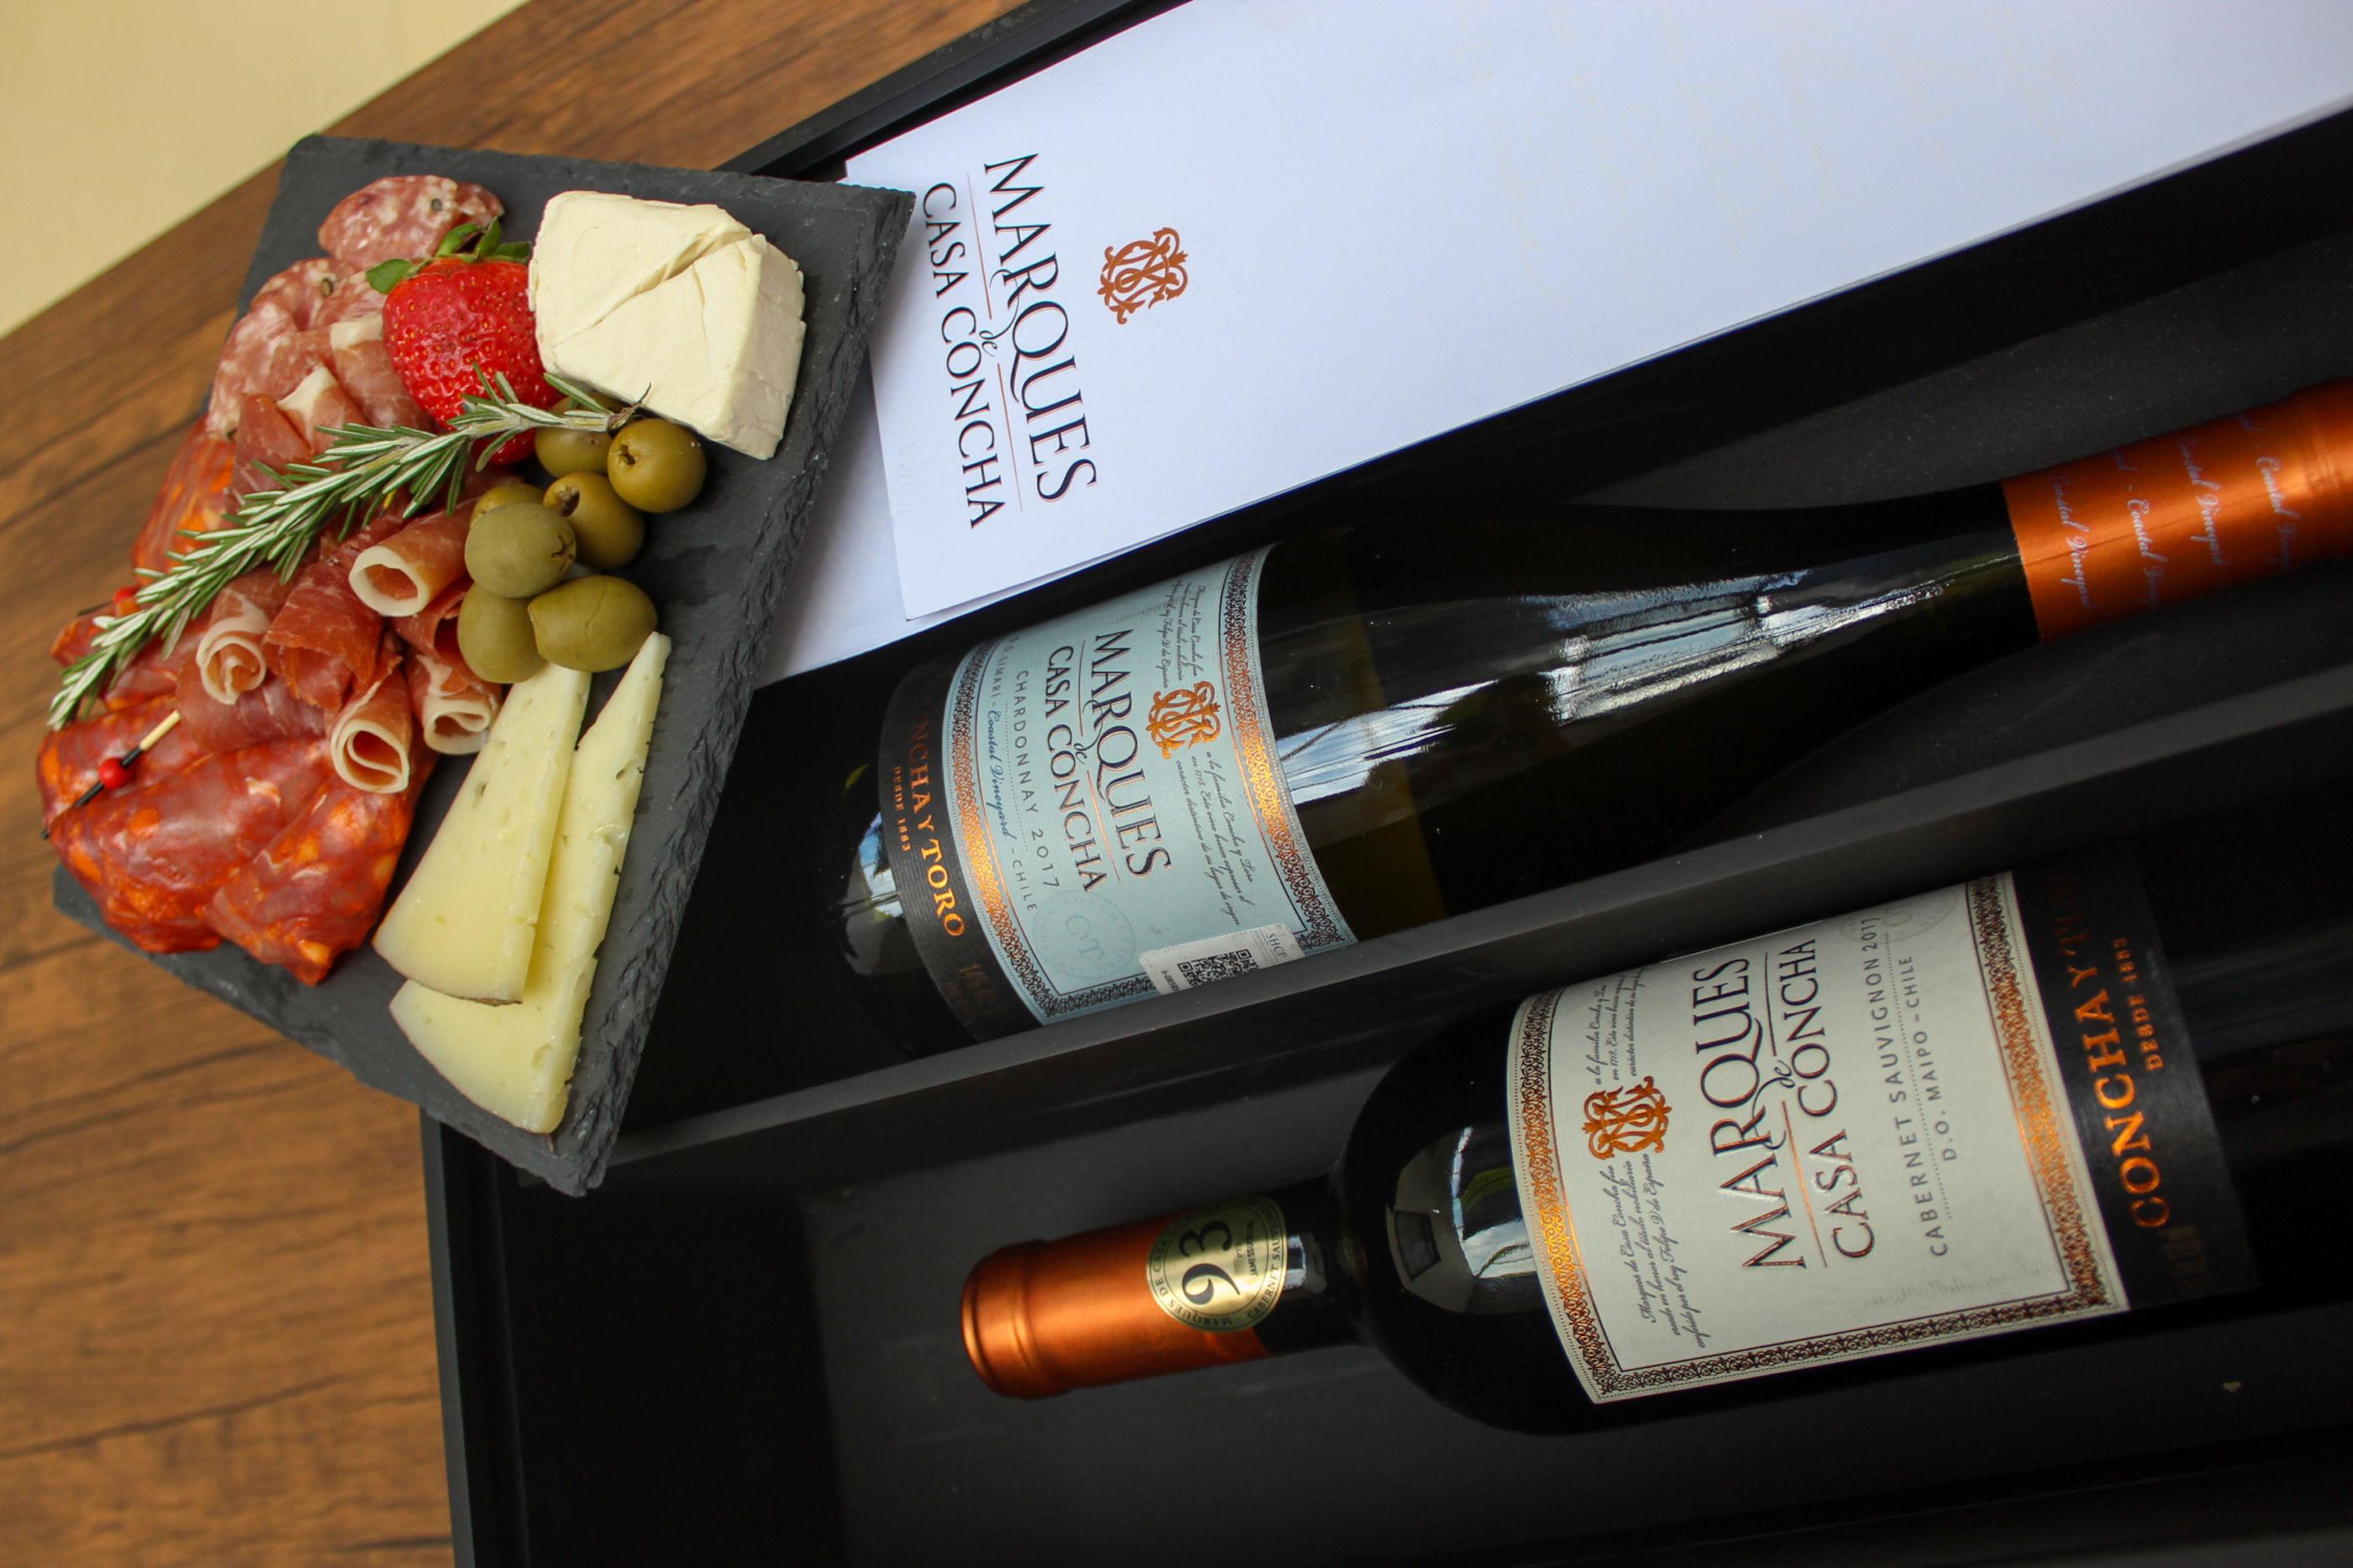 Marques de Casa Concha: La diversidad enológica de chile en vinos premium